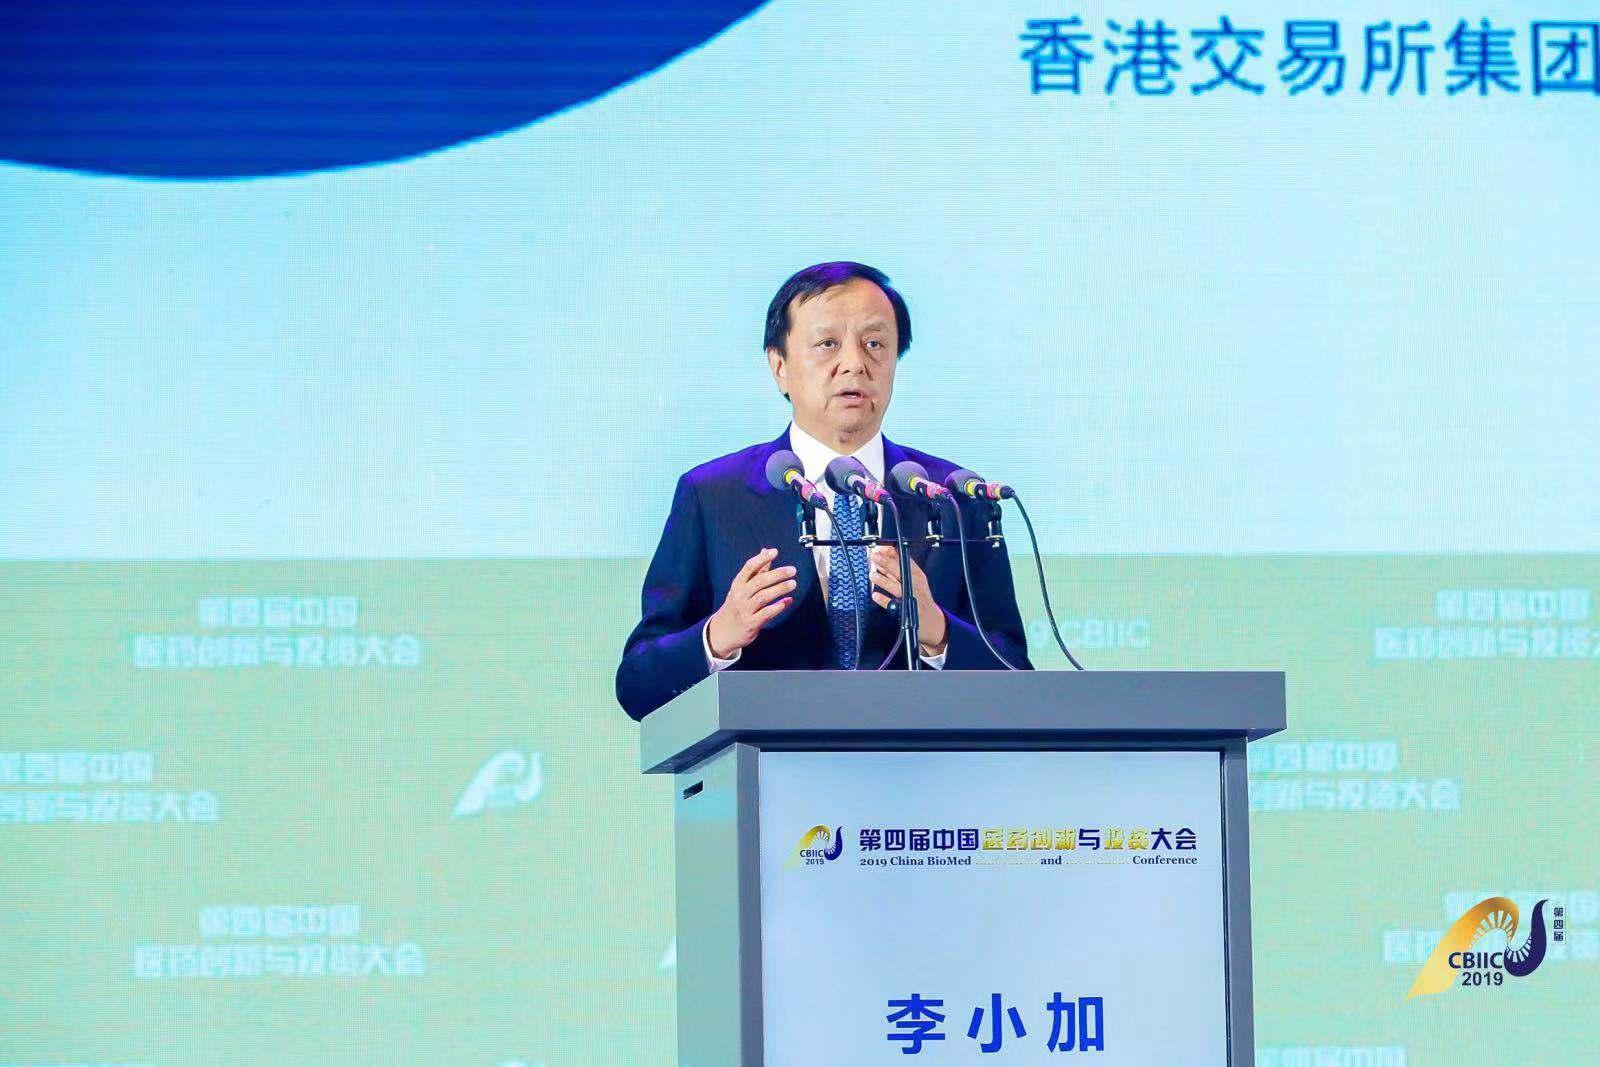 游戏试玩平台_李小加:港交所推动资本前移服务生物科技